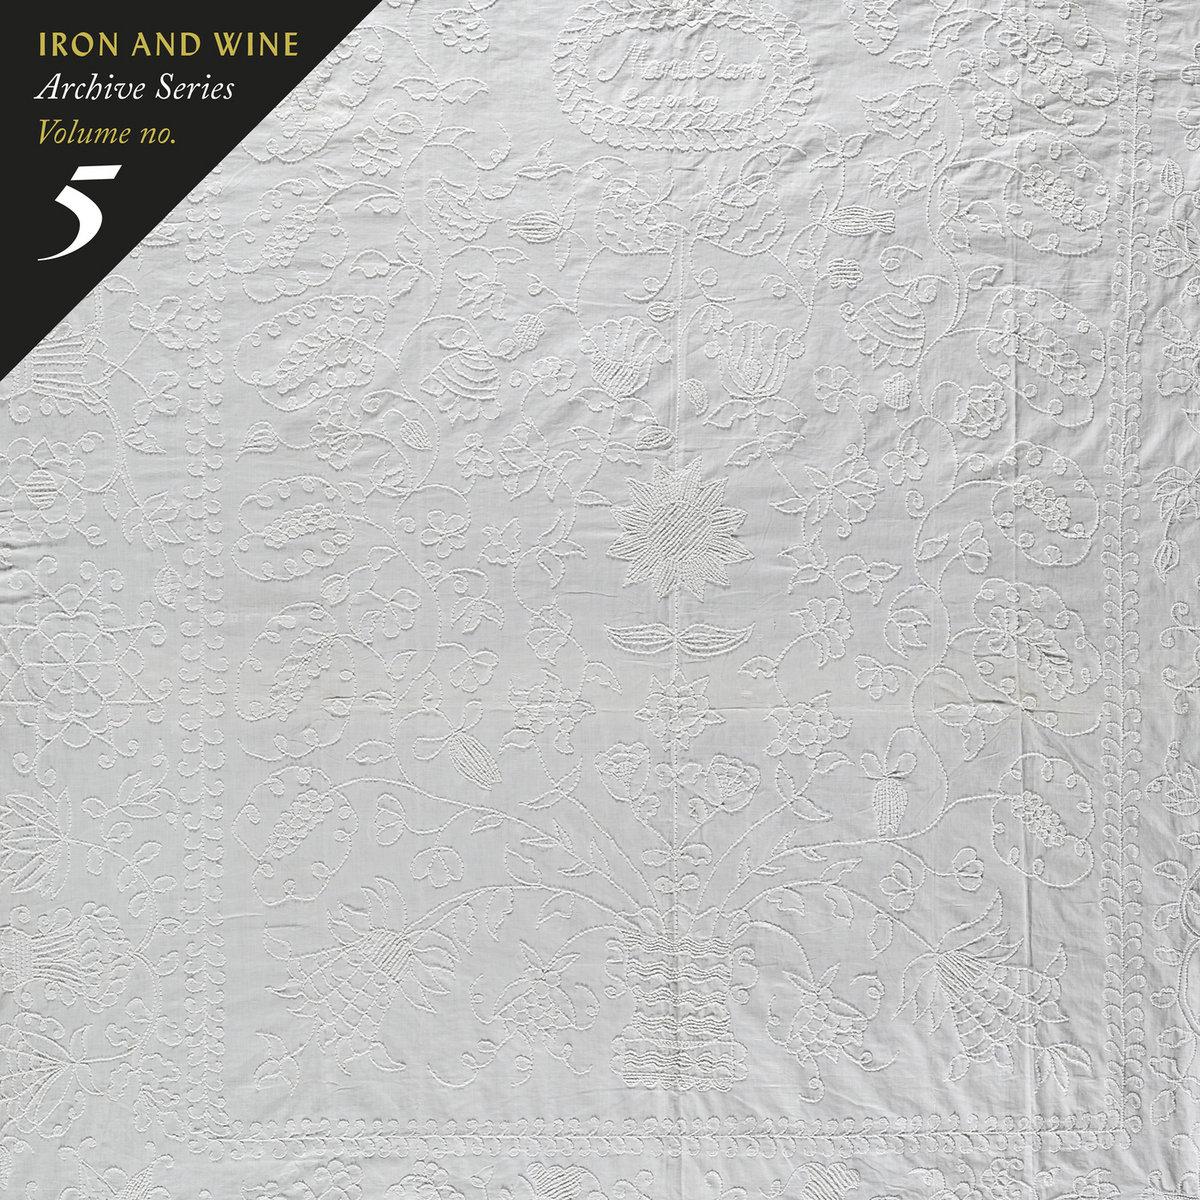 El disco perdido de Iron & Wine